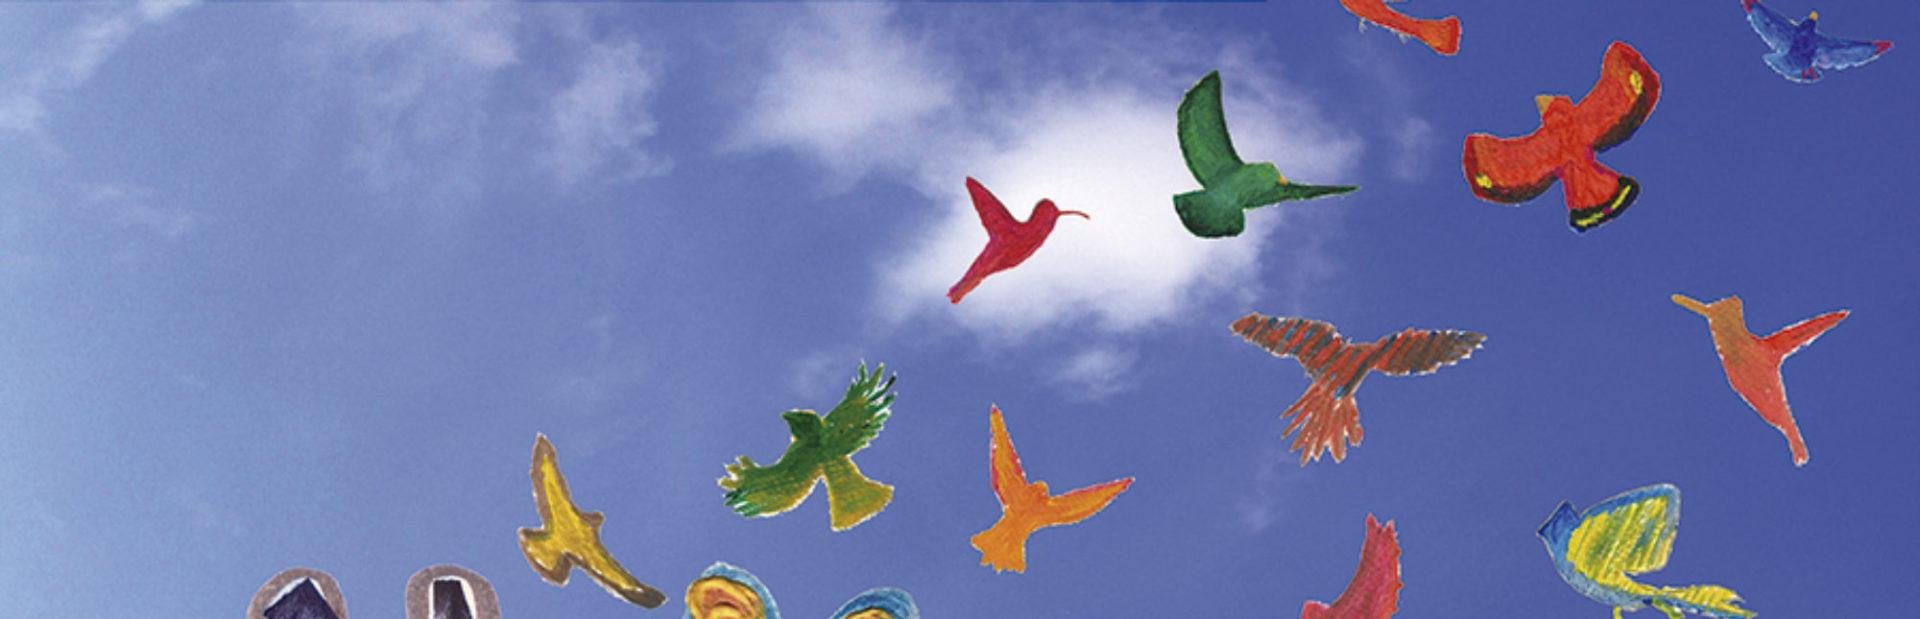 Onze edicions d'experiències creatives per la salut mental